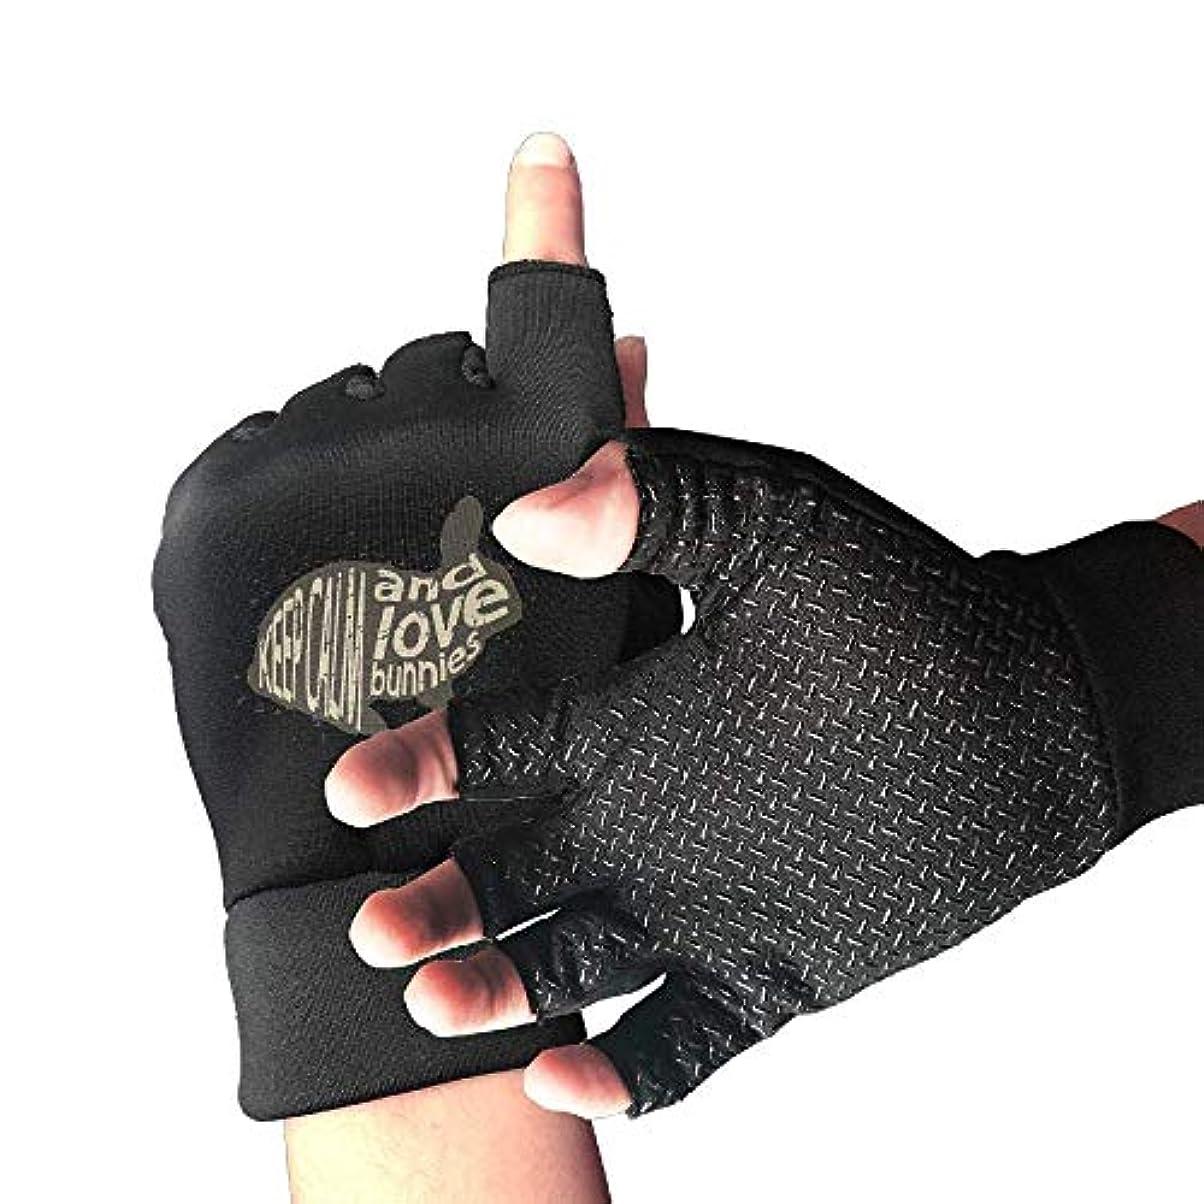 効能ある省略する不確実Cycling Gloves Keep Calm and Love Bunnies Men's/Women's Mountain Bike Gloves Half Finger Anti-Slip Motorcycle...